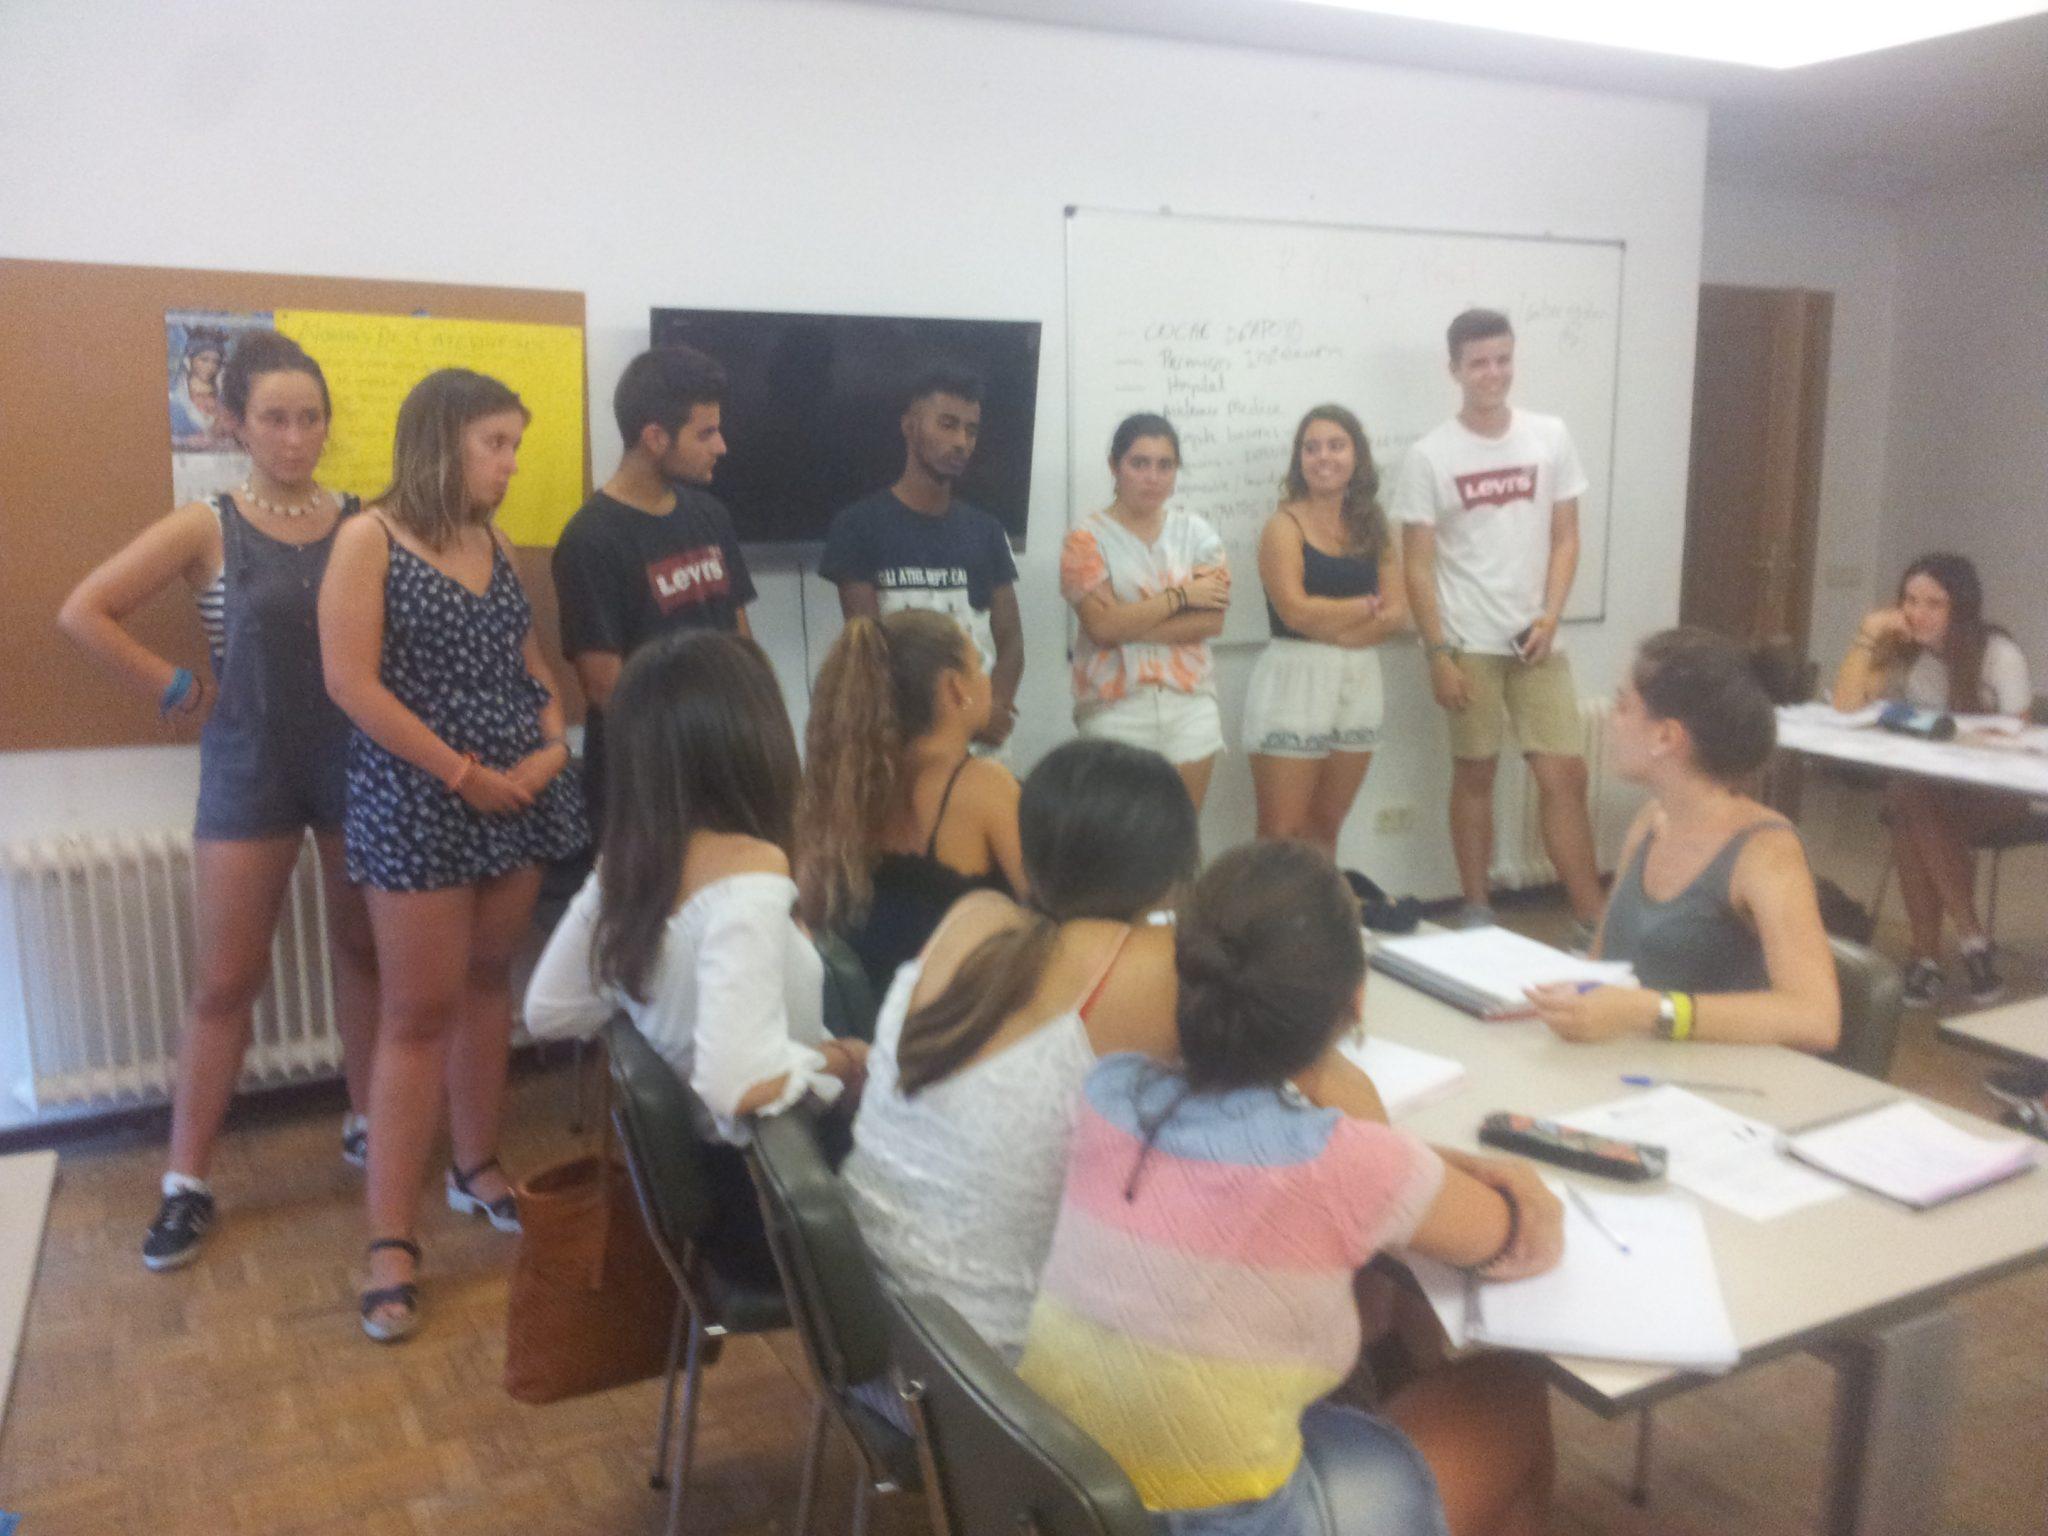 clases complementarias en madrid del curso de otl